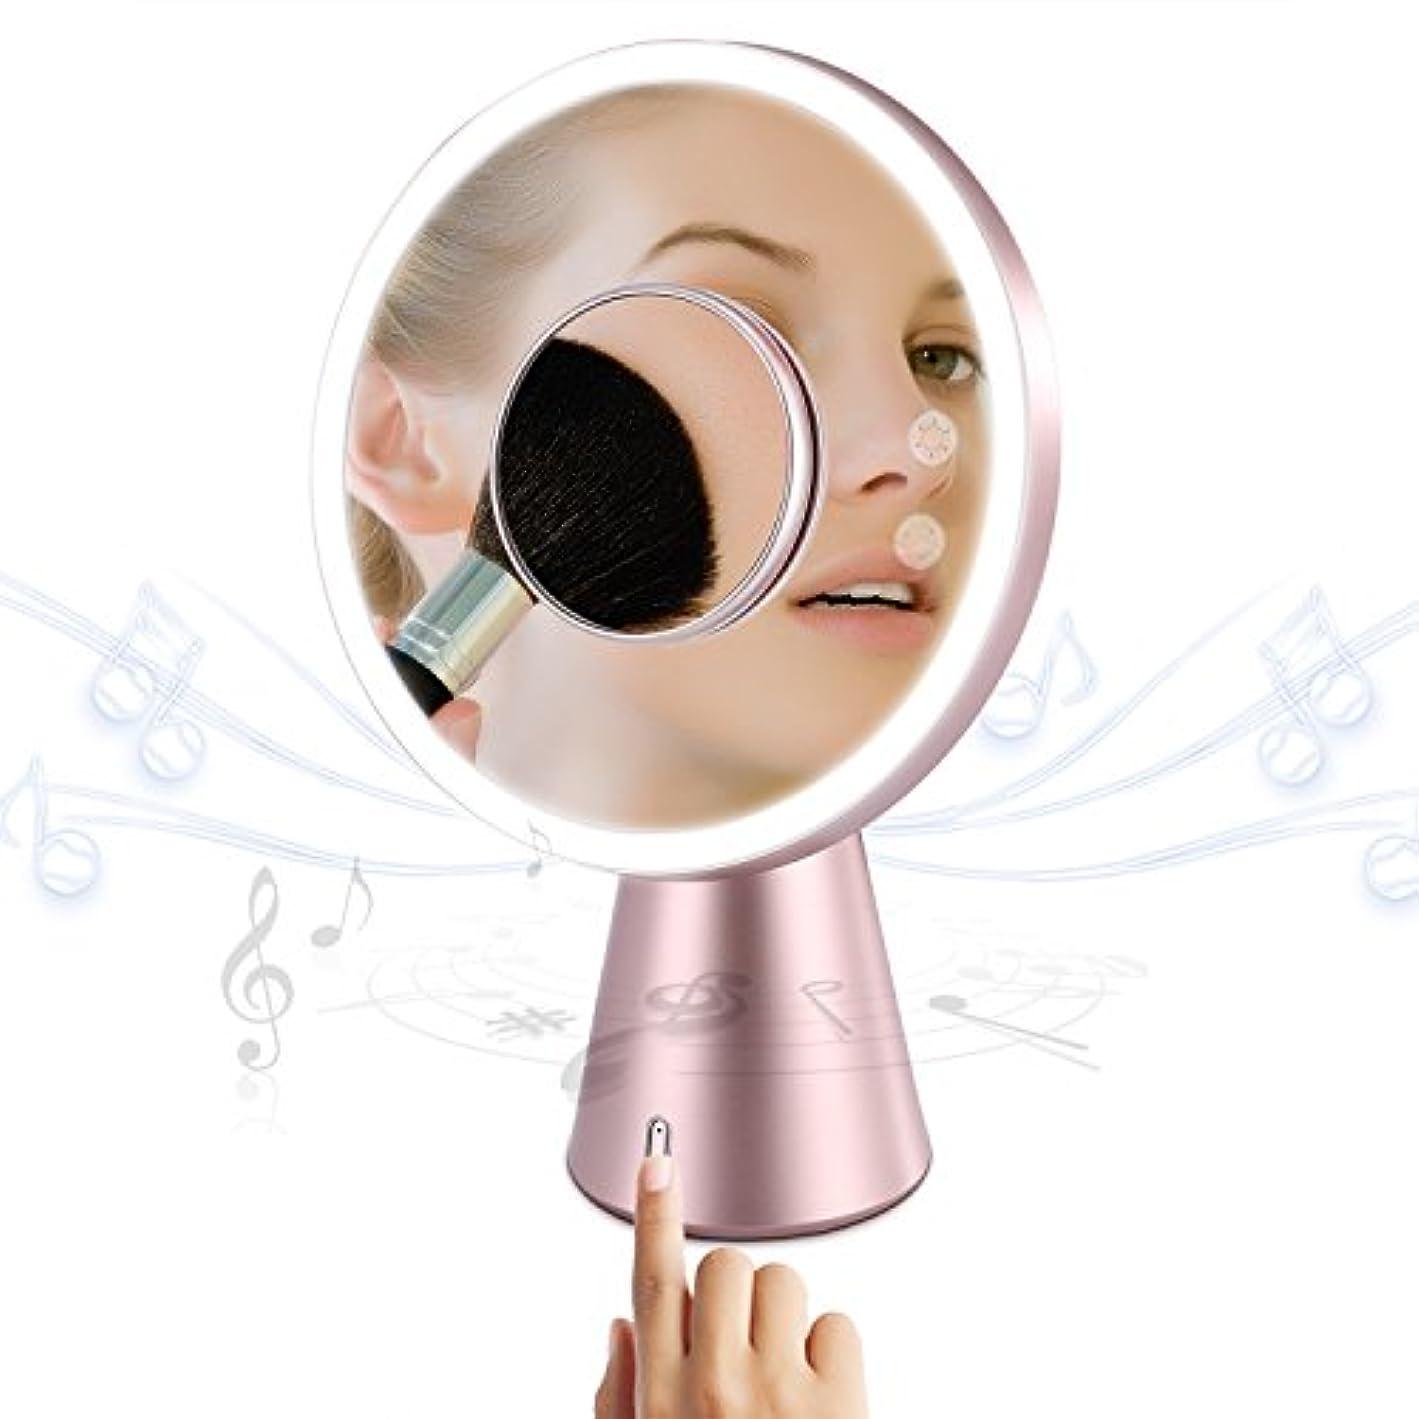 バラエティ伝統的タンザニアFascinate 鏡 化粧鏡 LED ミラー 卓上 5倍拡大 スタンドミラー 美容鏡ledライト付き 明るさ調整可能 USB充電式 ブルートゥーススピーカー デスクライト兼用